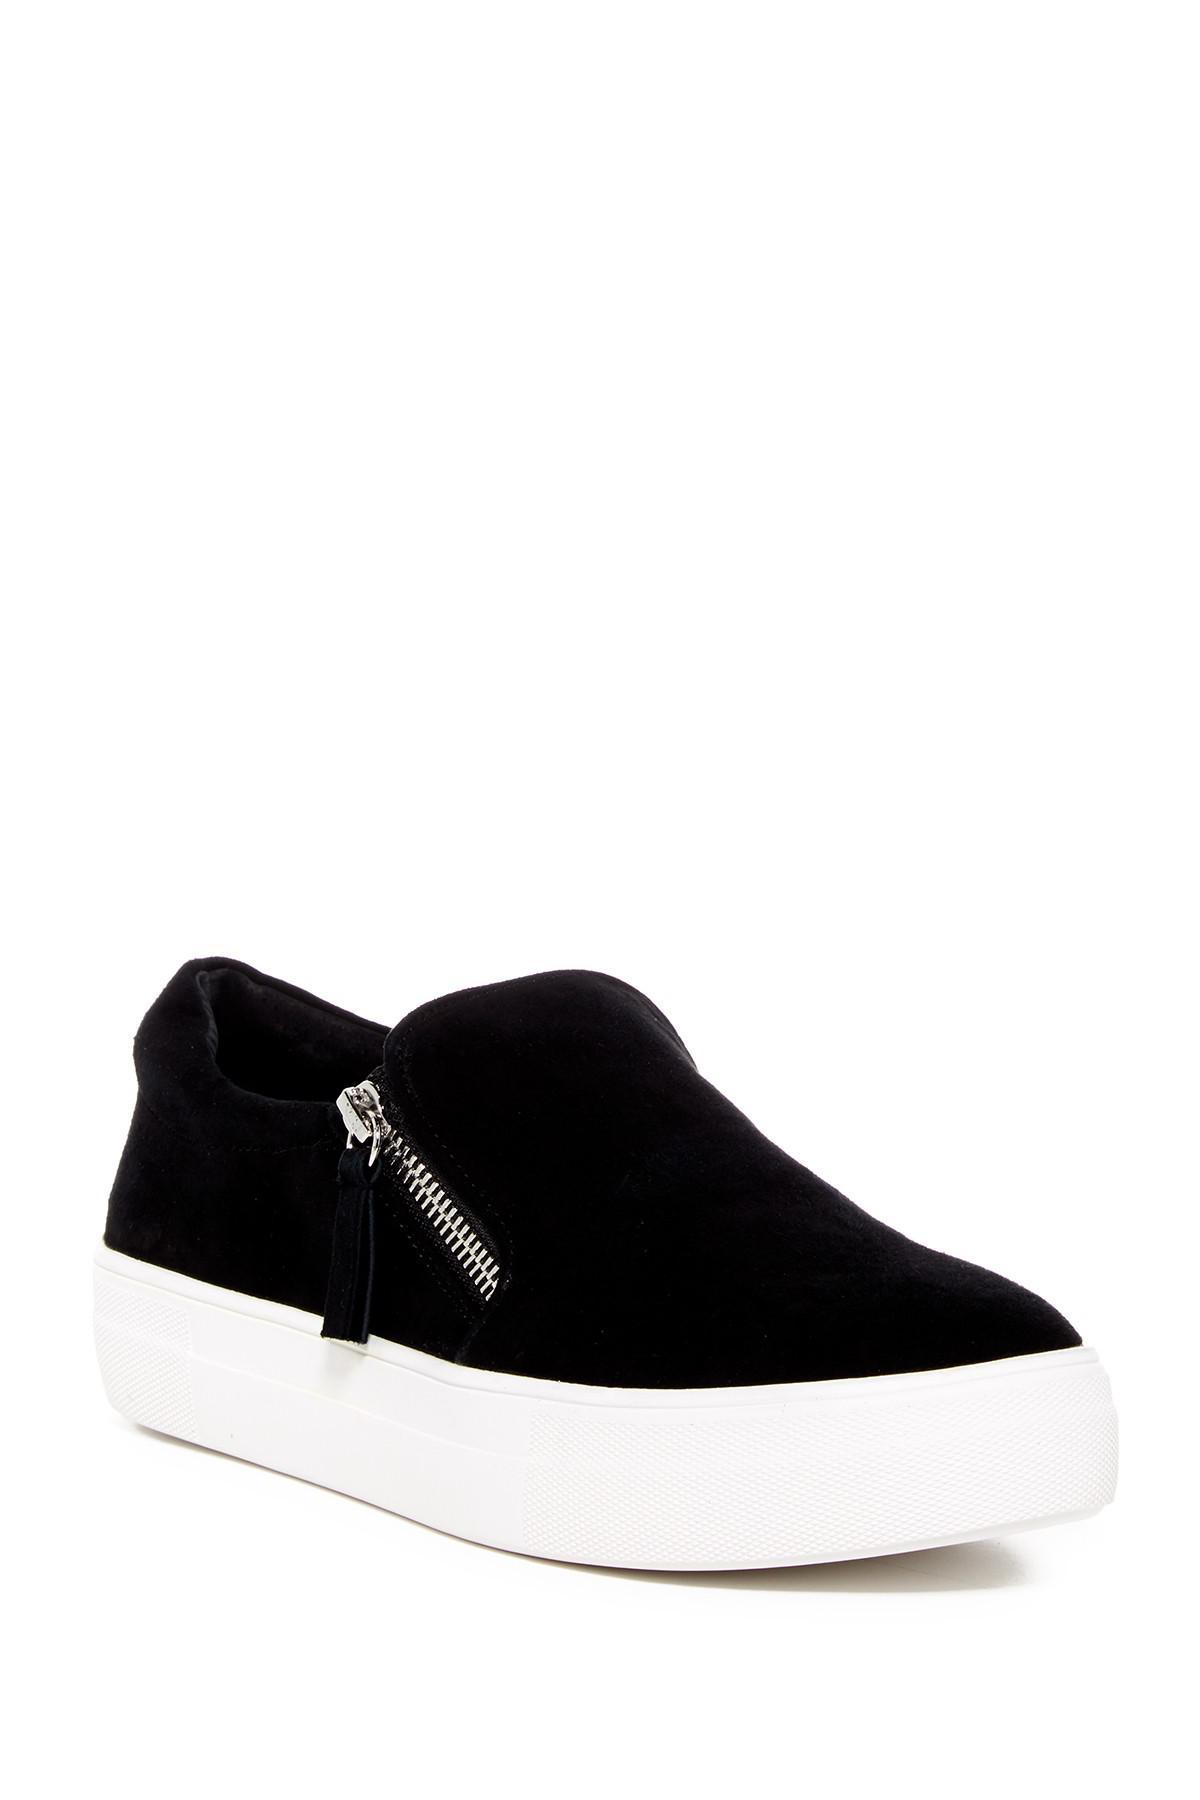 ab968a2d632 Steve Madden Glaammar Zip Embossed Sneaker in Black - Lyst